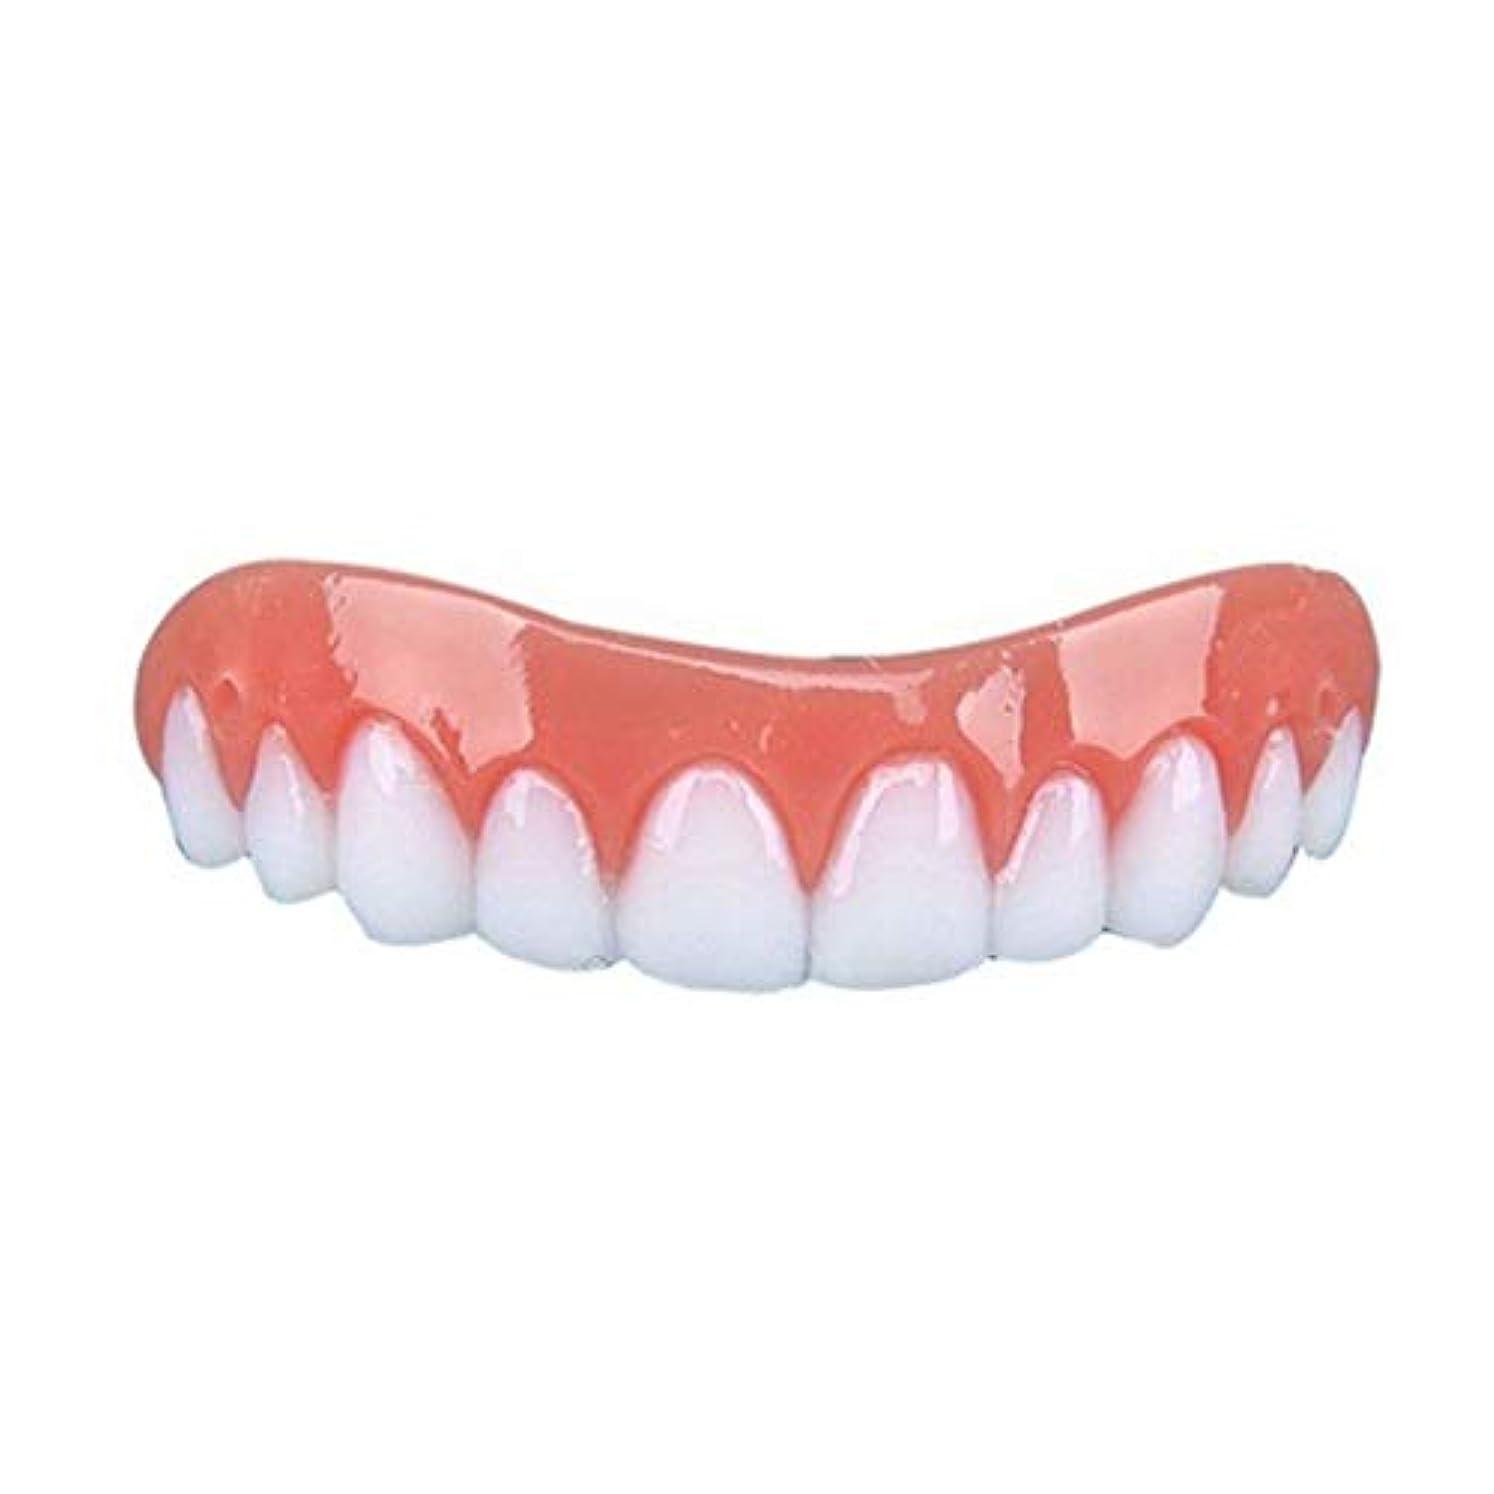 より多い破壊的夜間Bartram 歯カバー シリコン義歯ペースト 上歯 笑顔を保つ 歯保護 美容用 入れ歯 矯正義歯